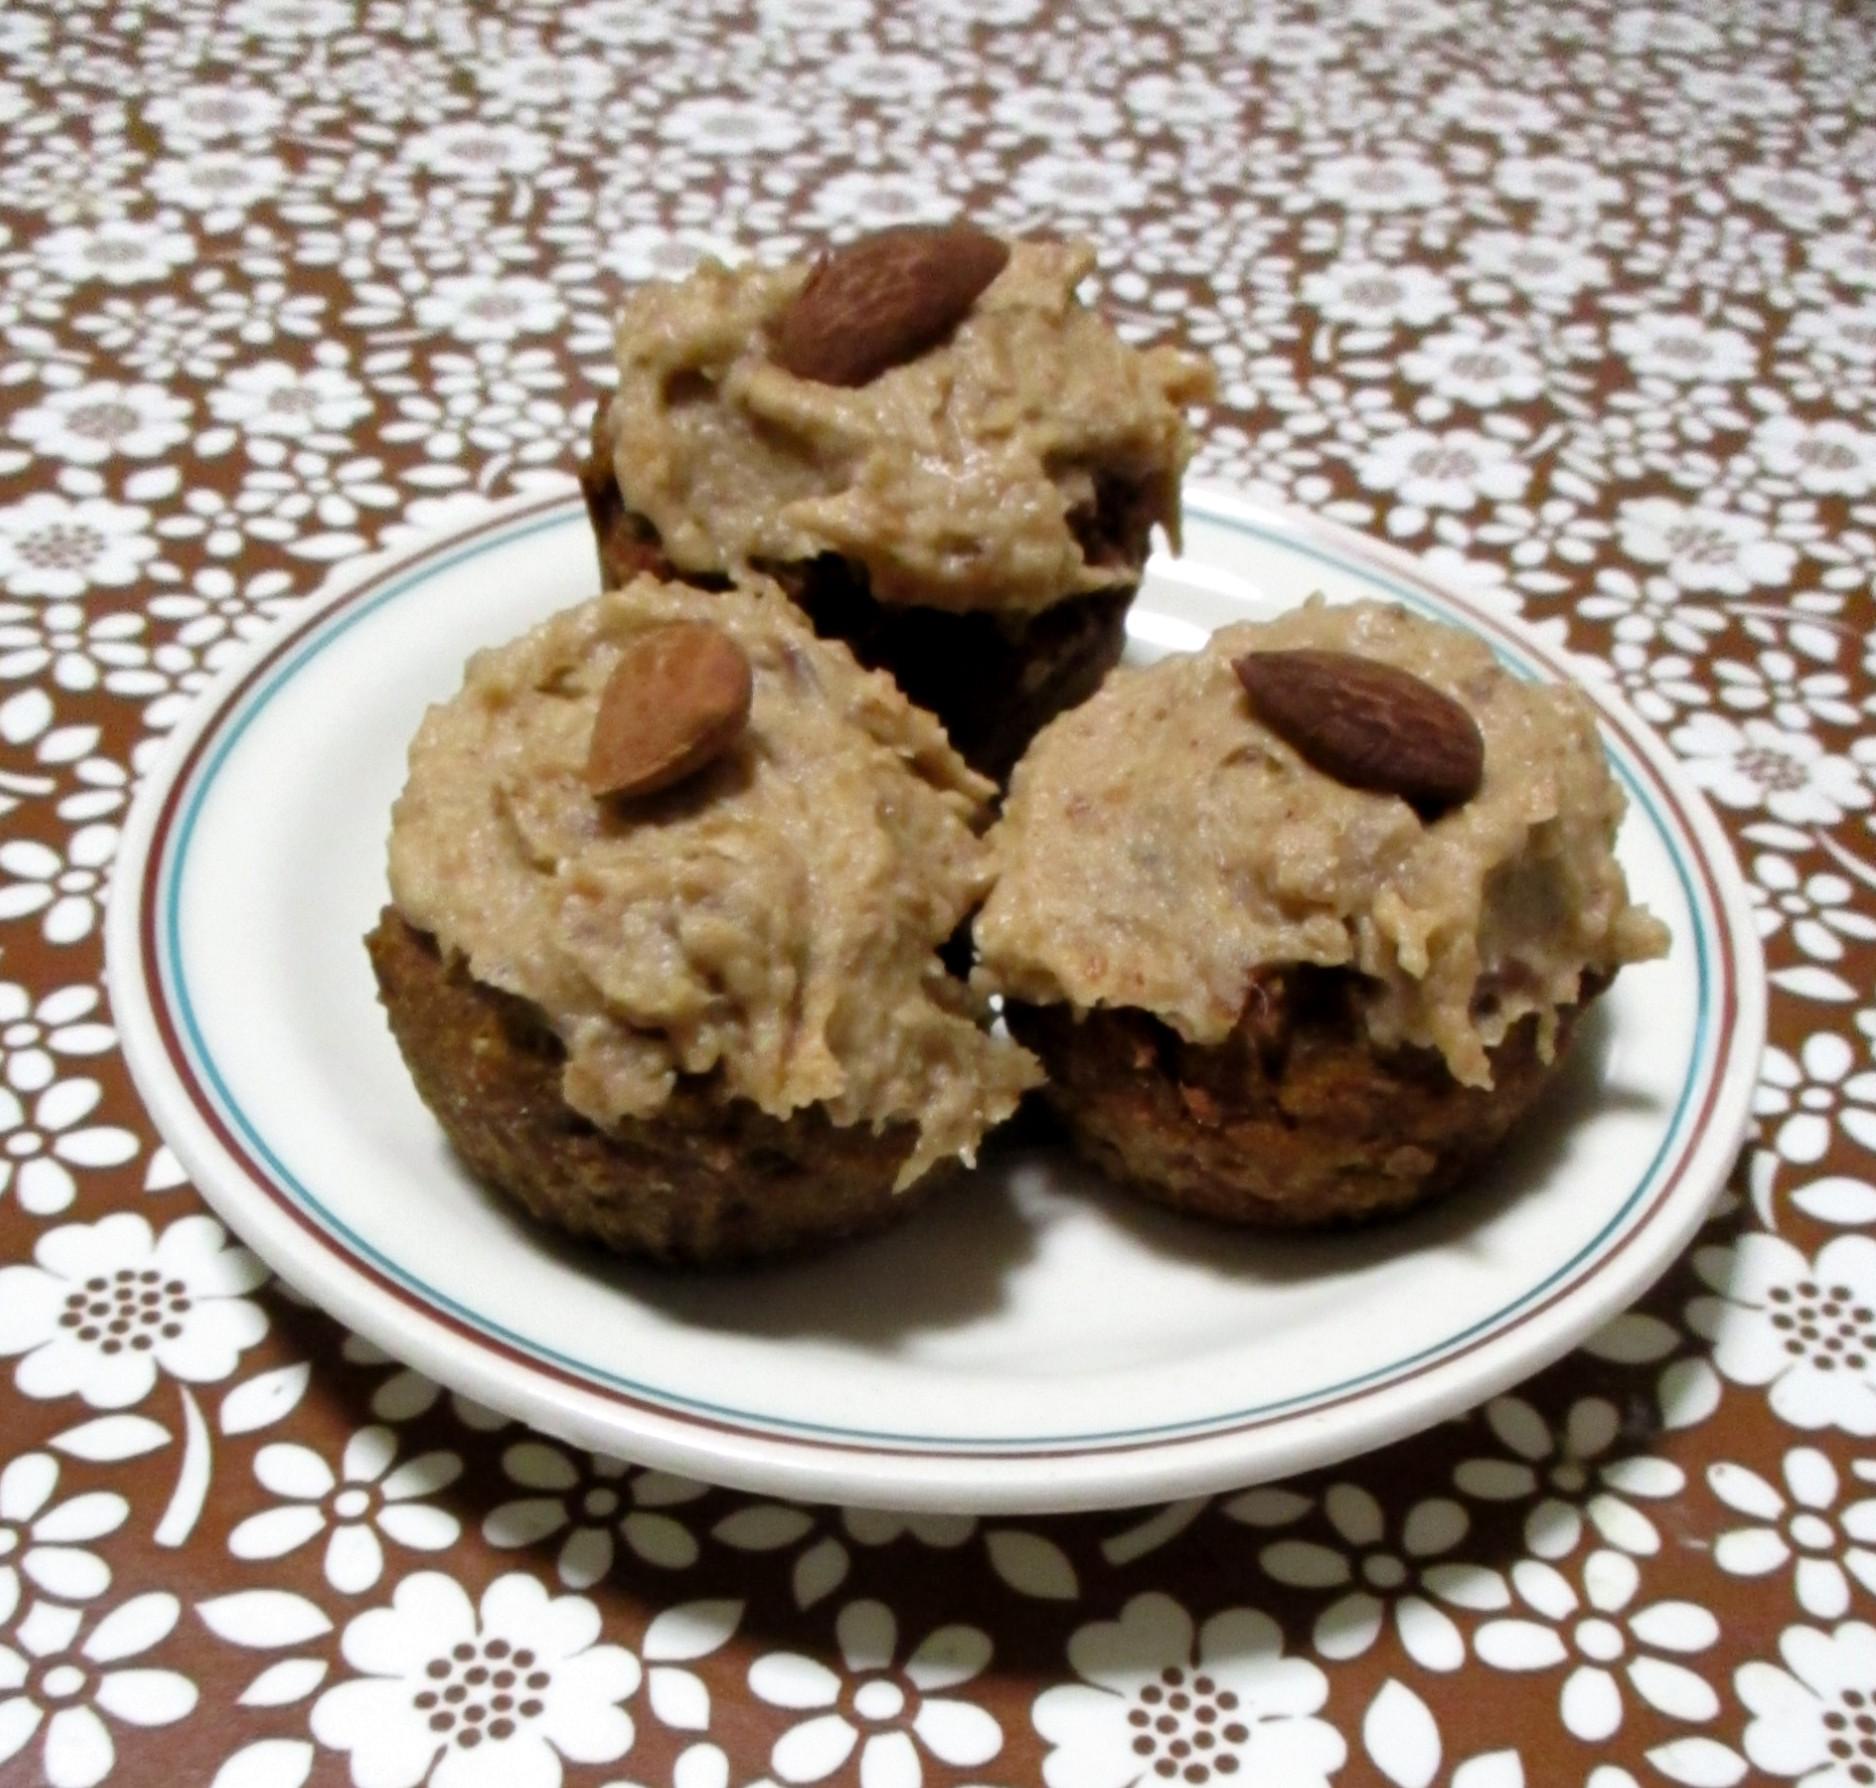 pompoenmuffin vegan veganistisch suikervrij gezond lowfat laow fat lactosevrij eivrij sojavrij